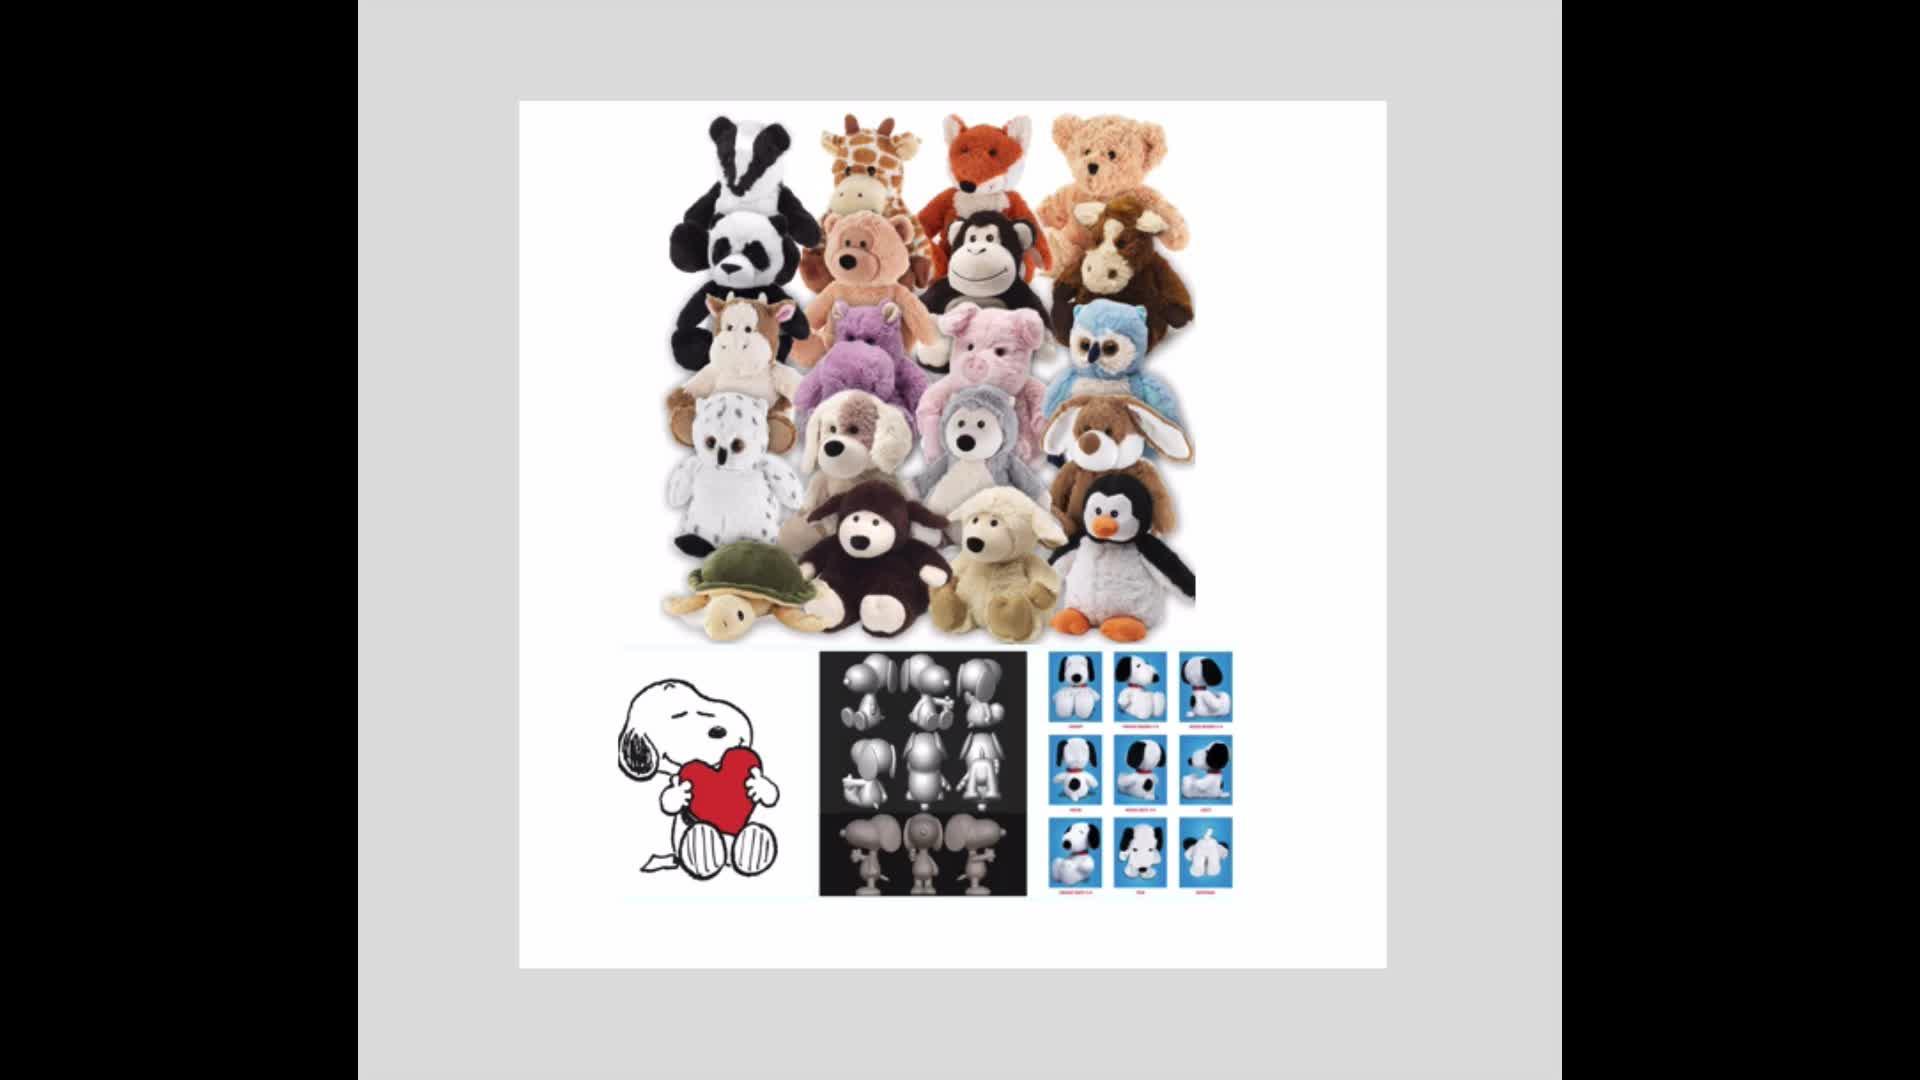 ใหม่มาถึงคุณภาพสูงของเล่นเด็ก 2019 ยอดนิยมผู้ผลิตนุ่มขนาดเล็กของเล่นตุ๊กตาสัตว์